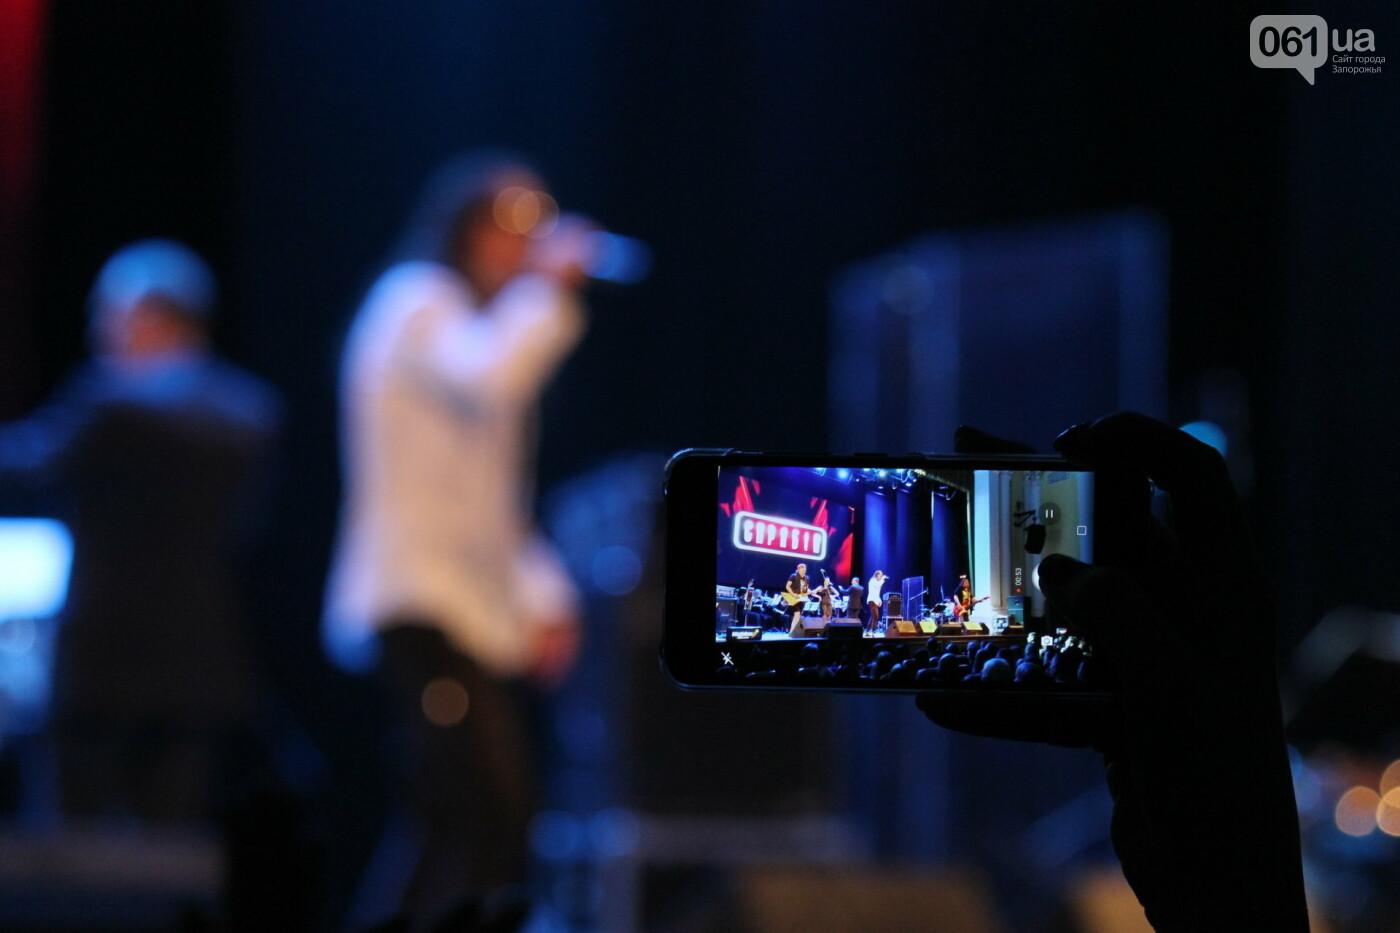 В Запорожье группа «Скрябин» сыграла лучшие хиты с симфоническим оркестром, – ФОТОРЕПОРТАЖ, фото-3